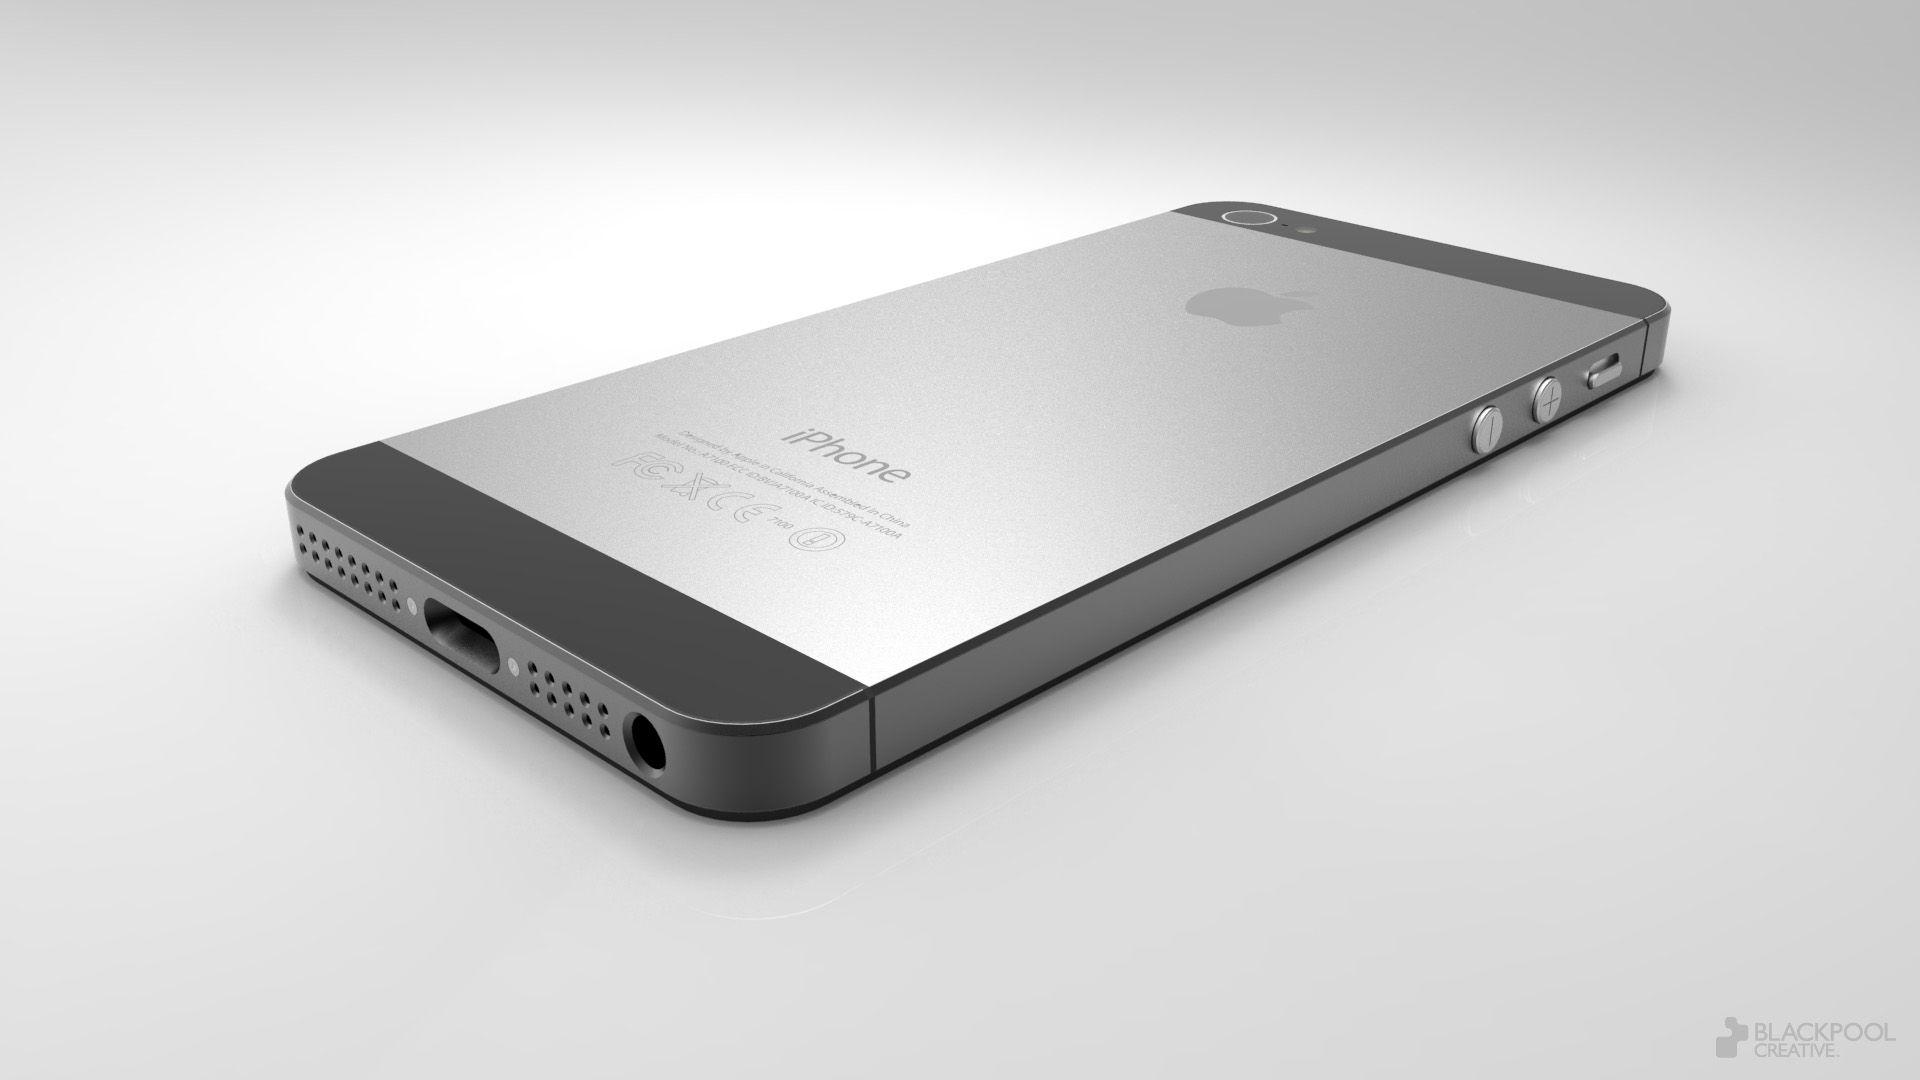 Un jour, votre téléphone portable pourrait être alimenté grâce à des micro moulins à vent